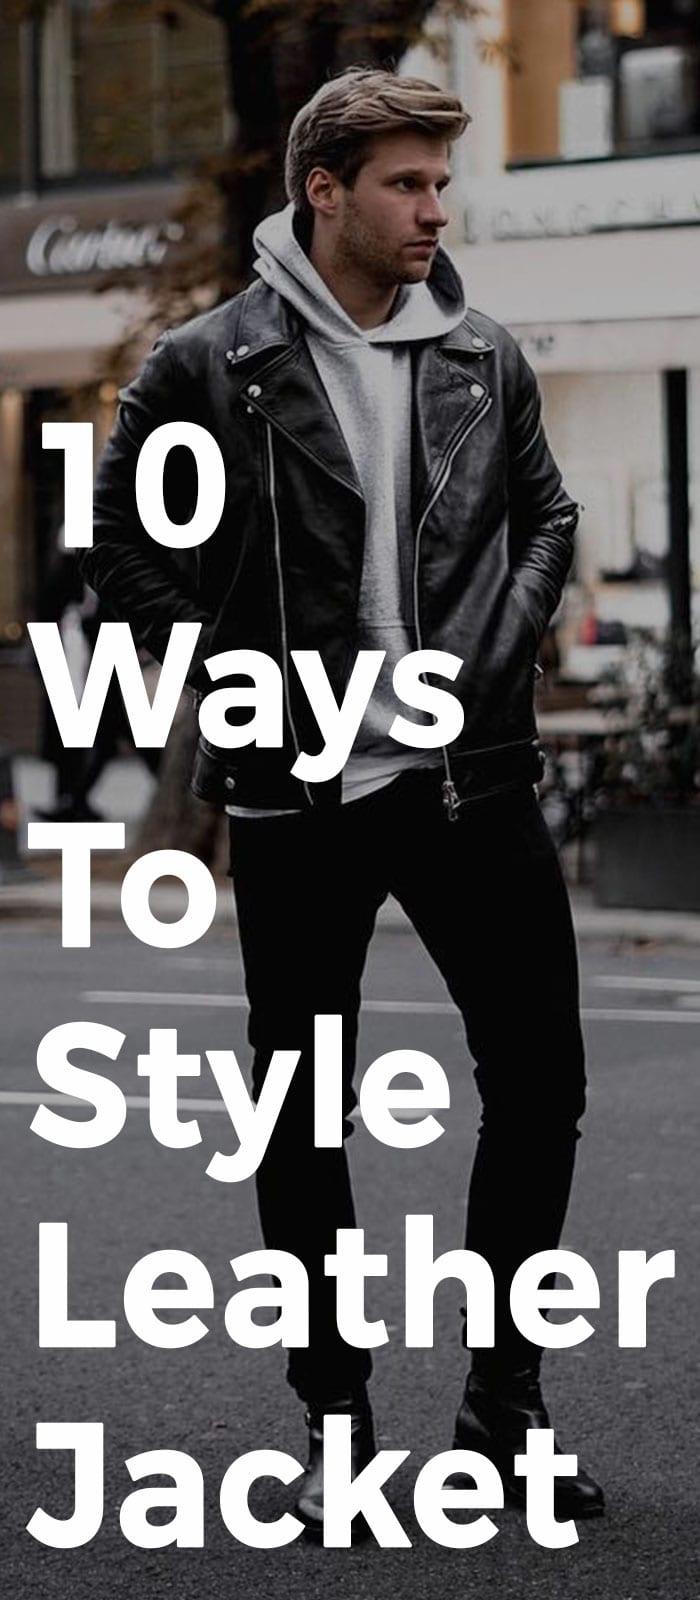 10 Ways To Style Leather Jacket!